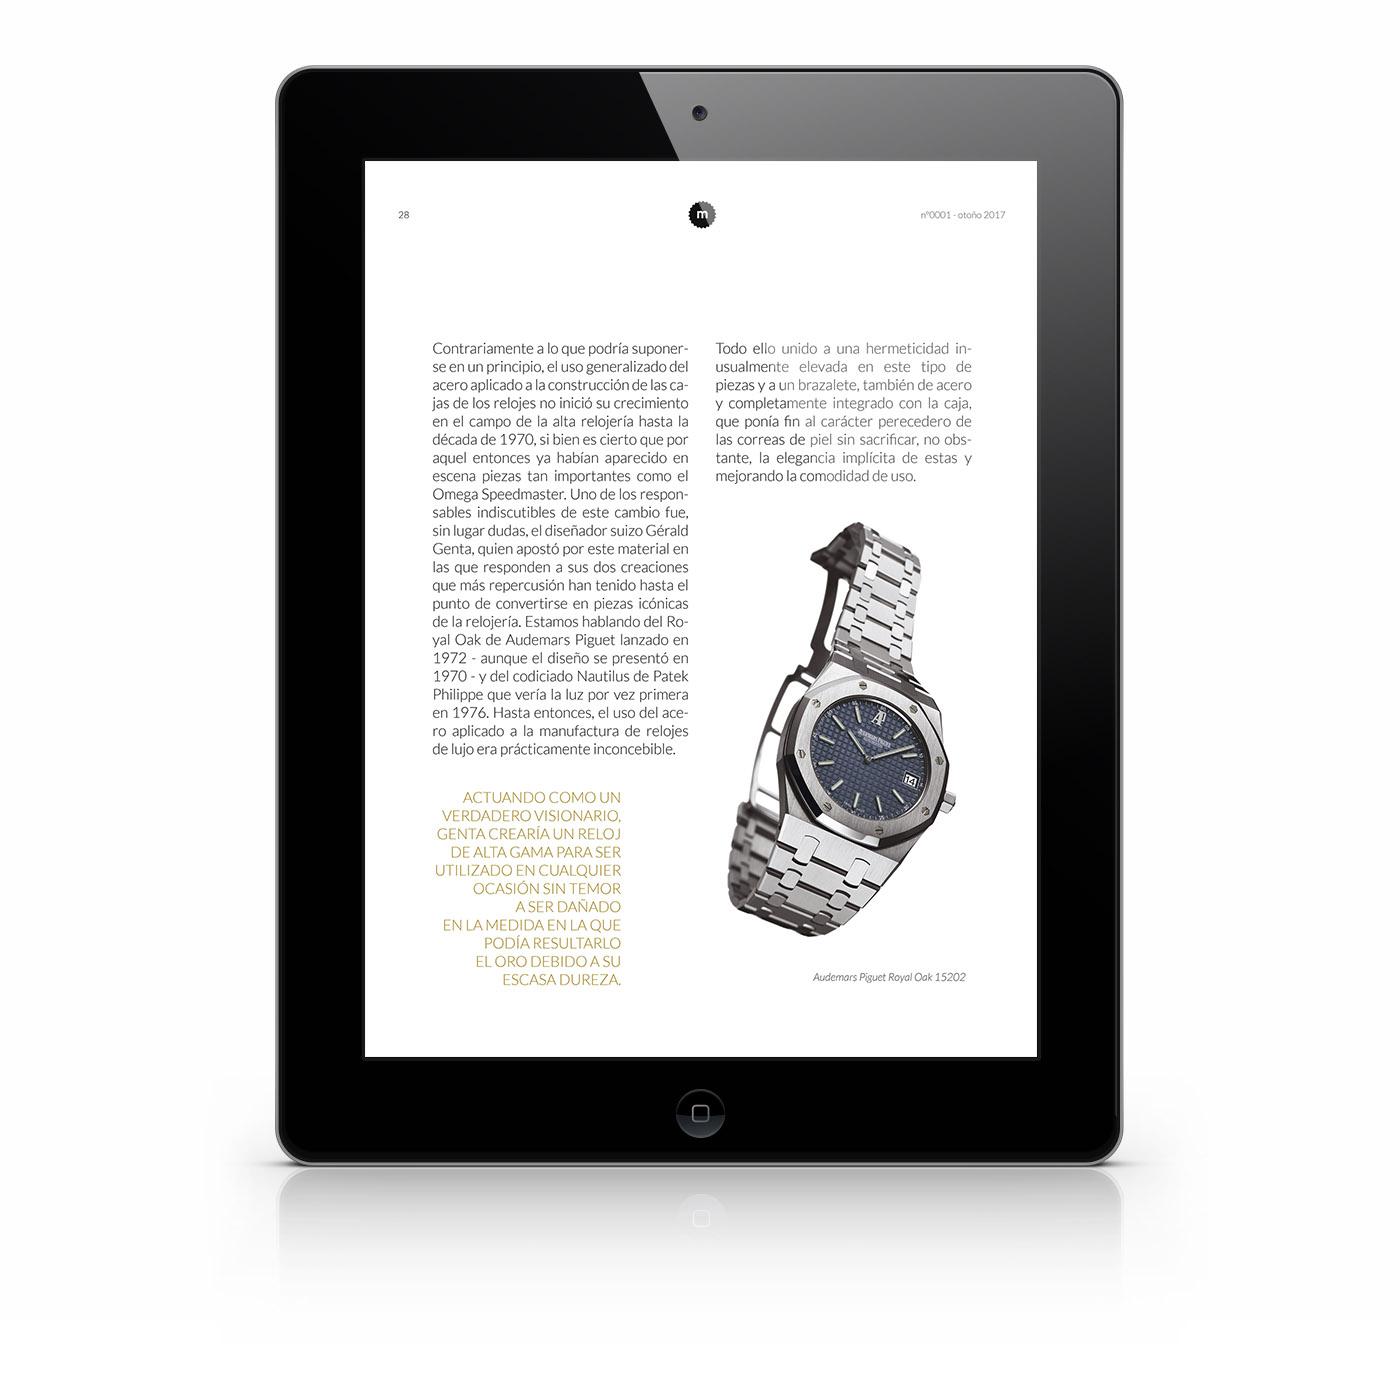 wach-ipad-revista-creartiva